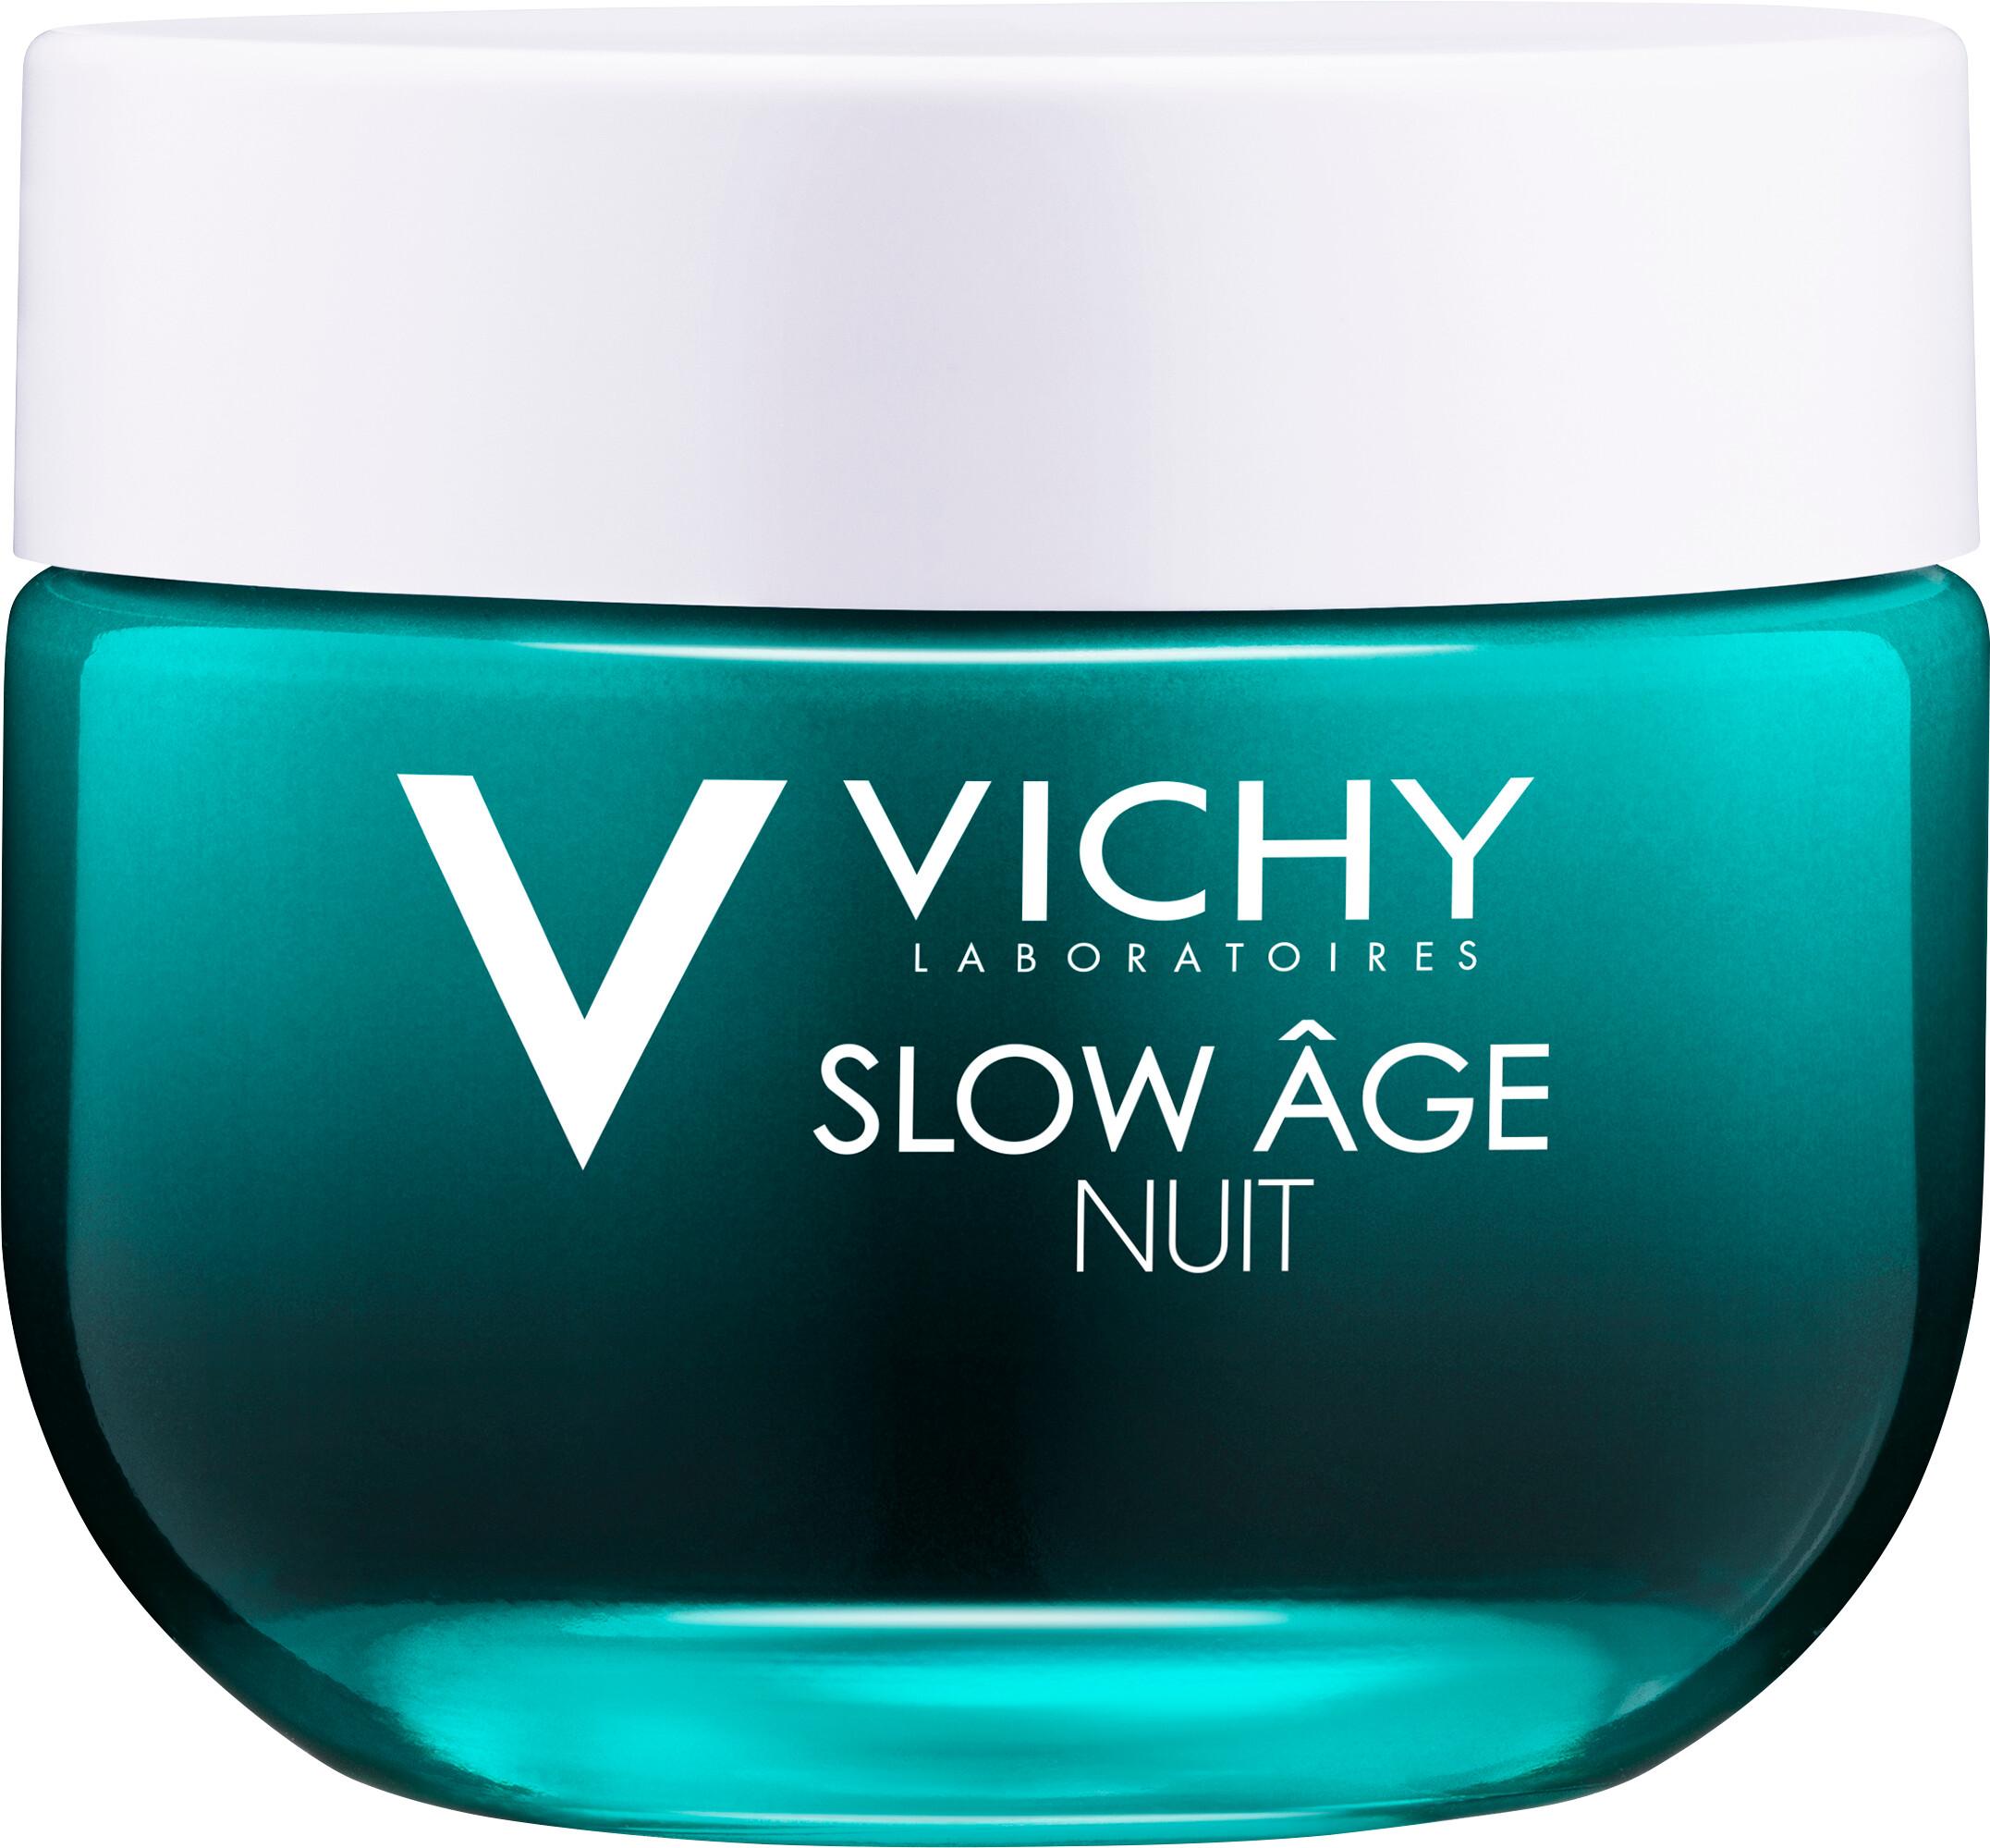 VICHY Slow AGE50 Ml